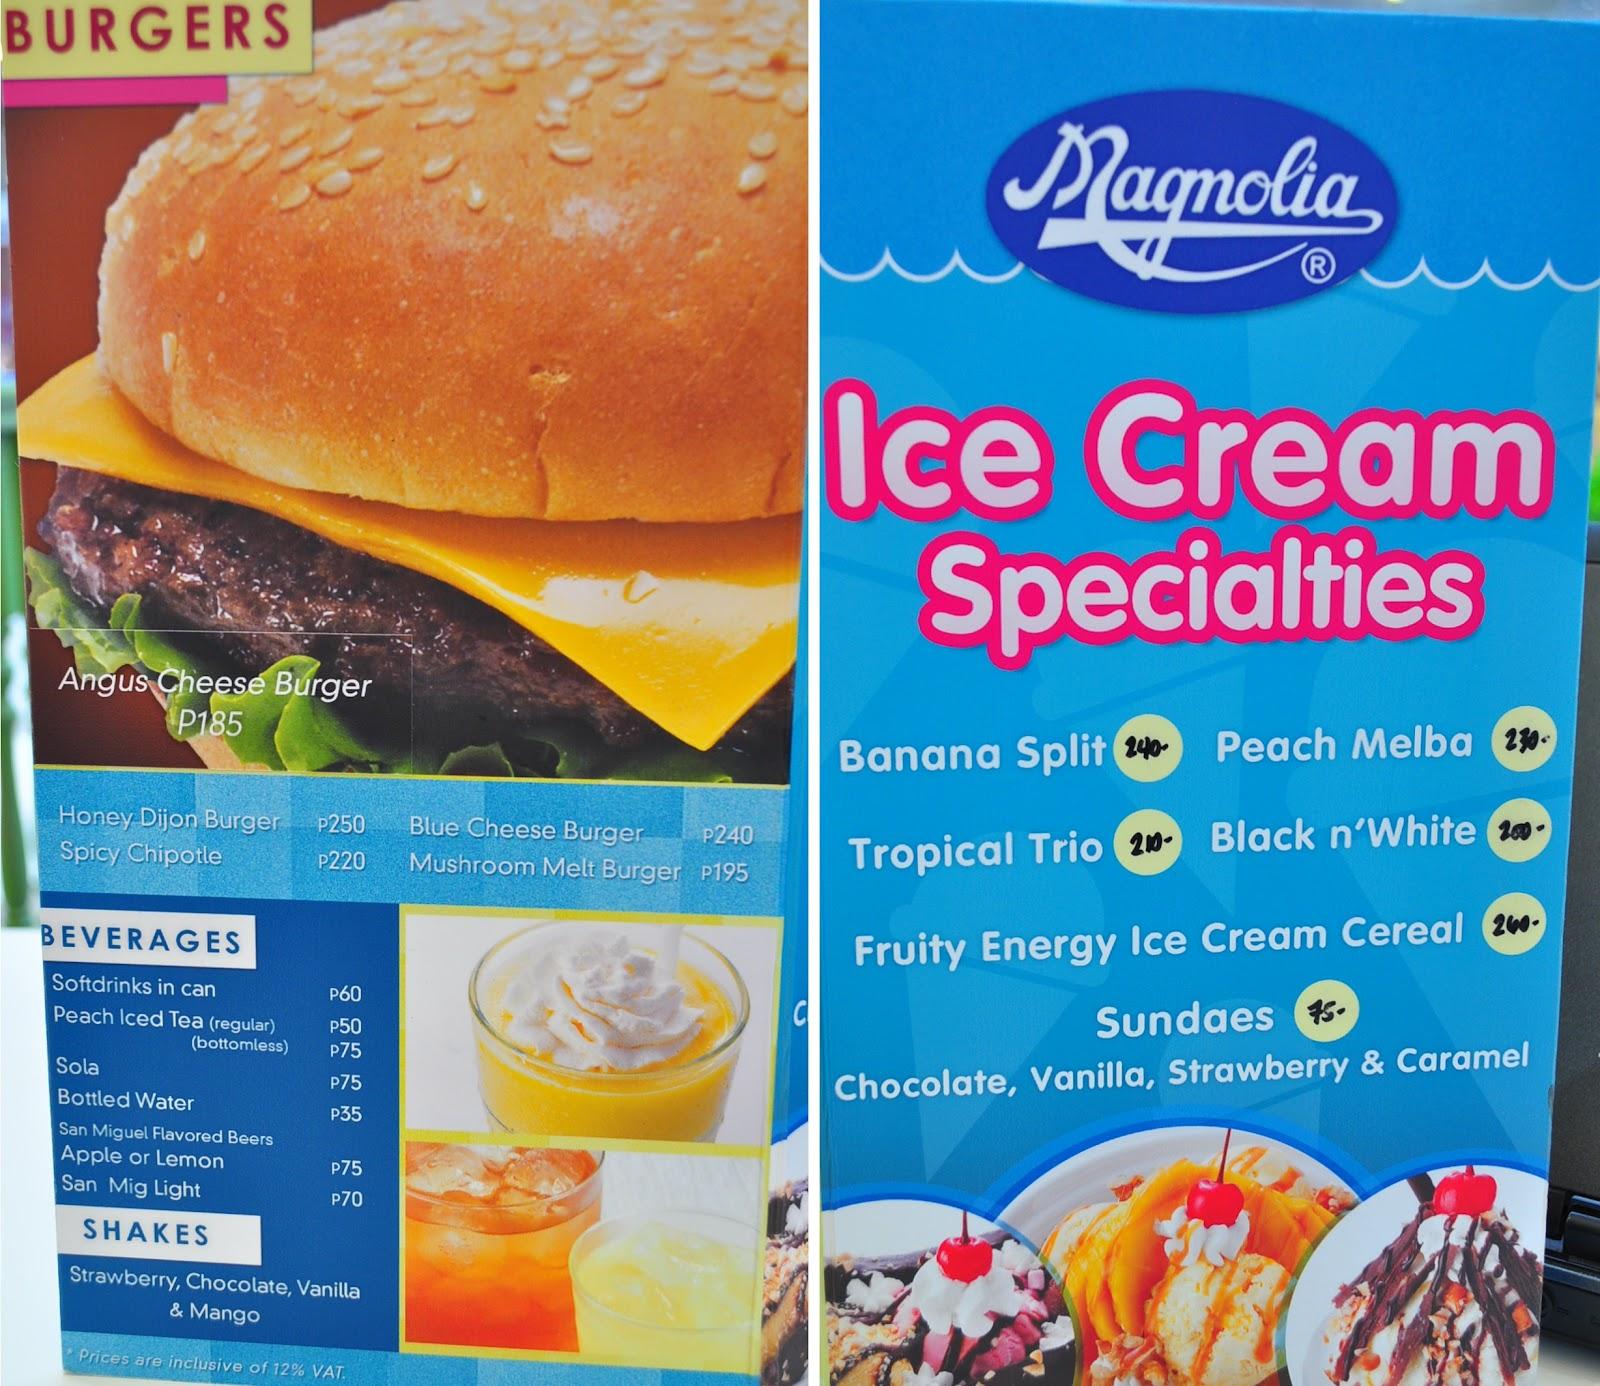 ice cream and magnolia